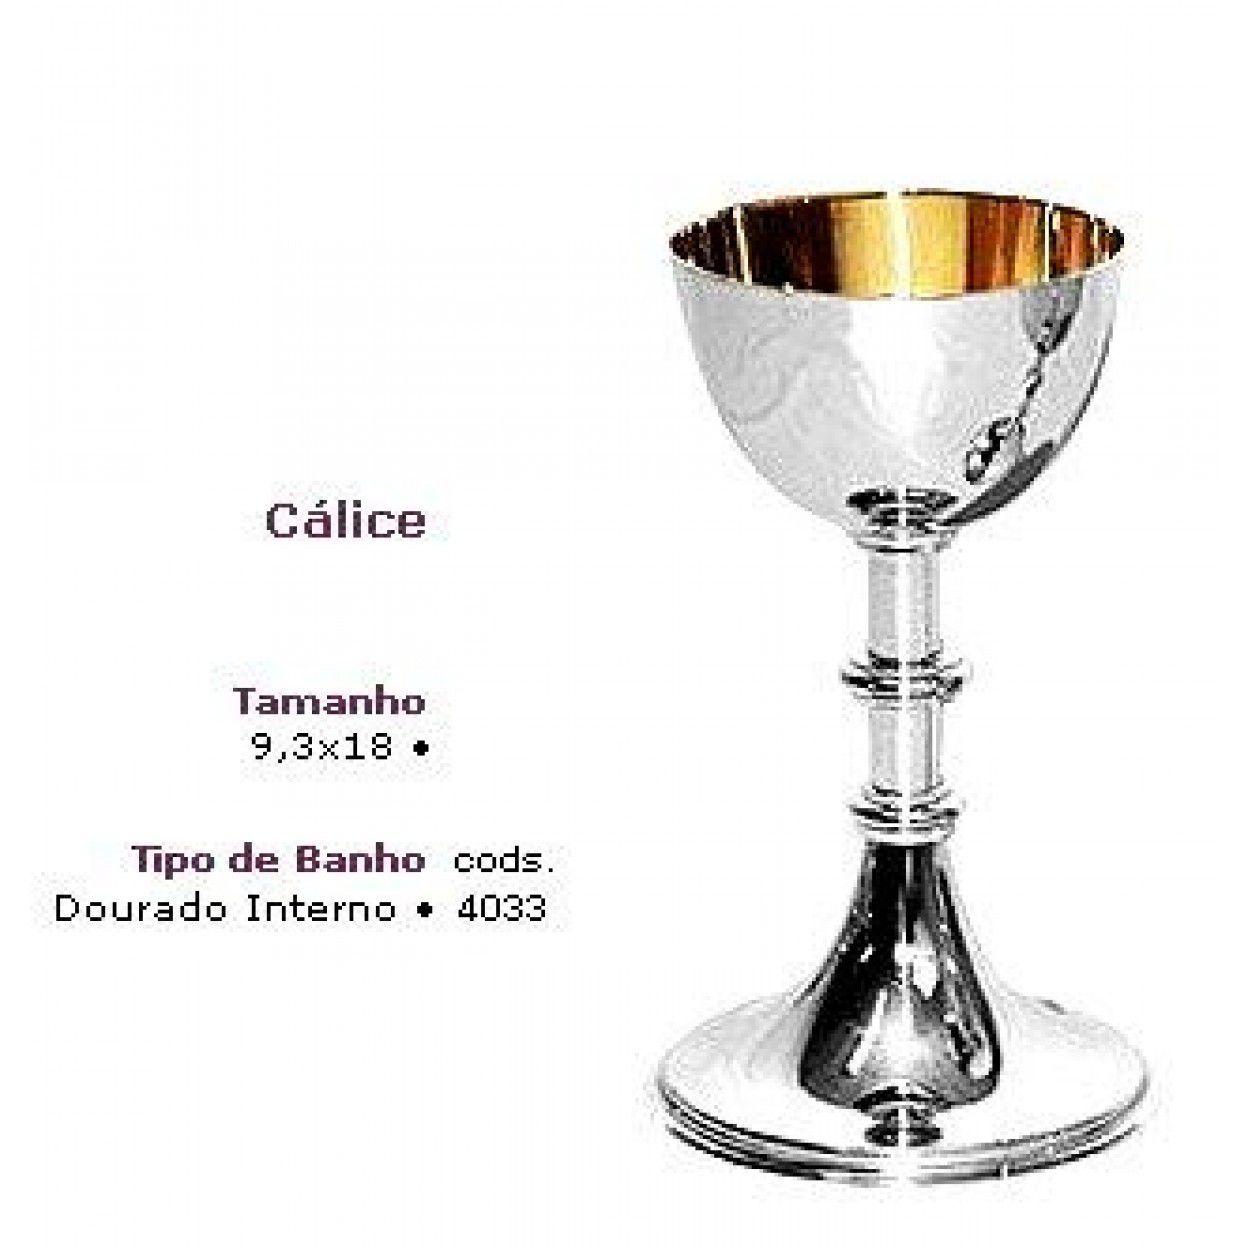 CÁLICE DOURADO INTERNO 4033